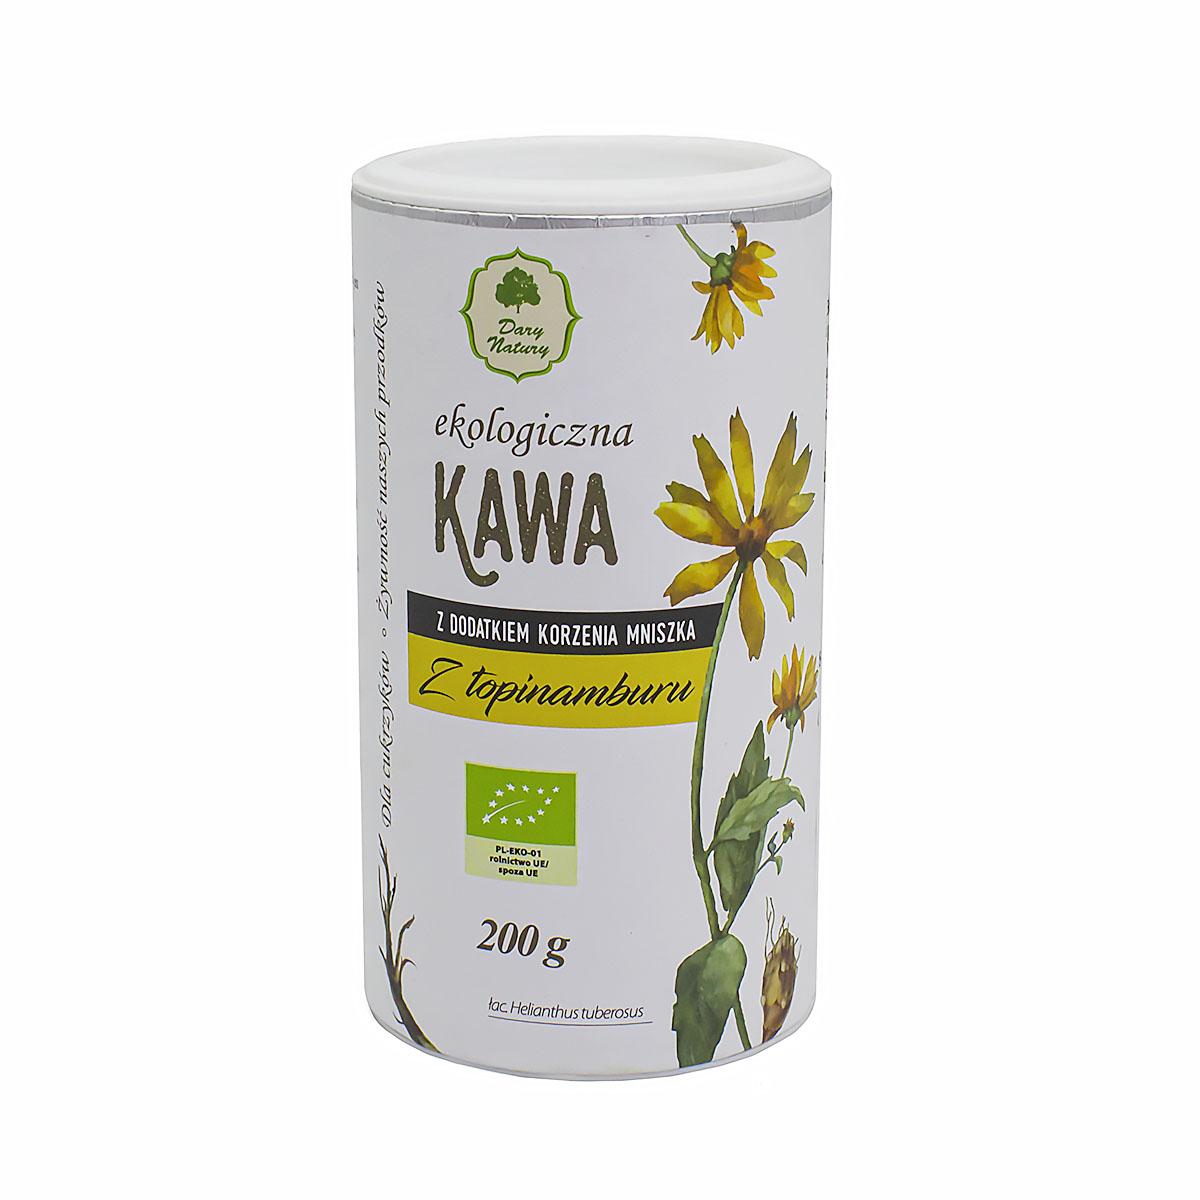 ЭКО-напиток Kawa из жареных корней топинамбура и одуванчика, туба, 200 г цена в Москве и Питере